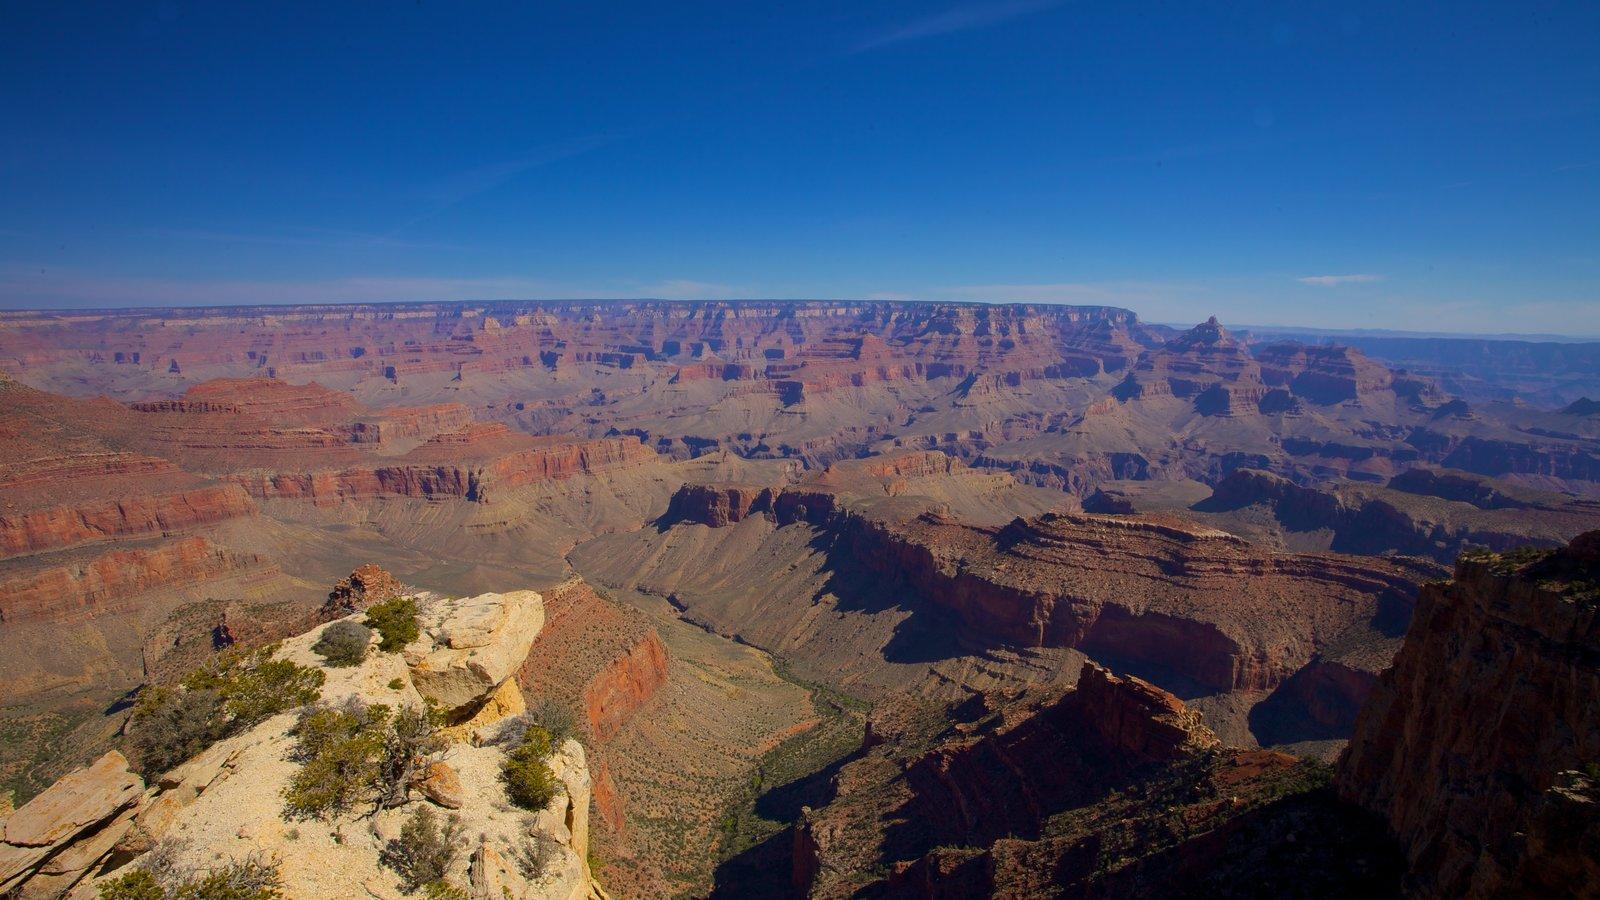 Grand Canyon mostrando um desfiladeiro ou canyon e paisagem